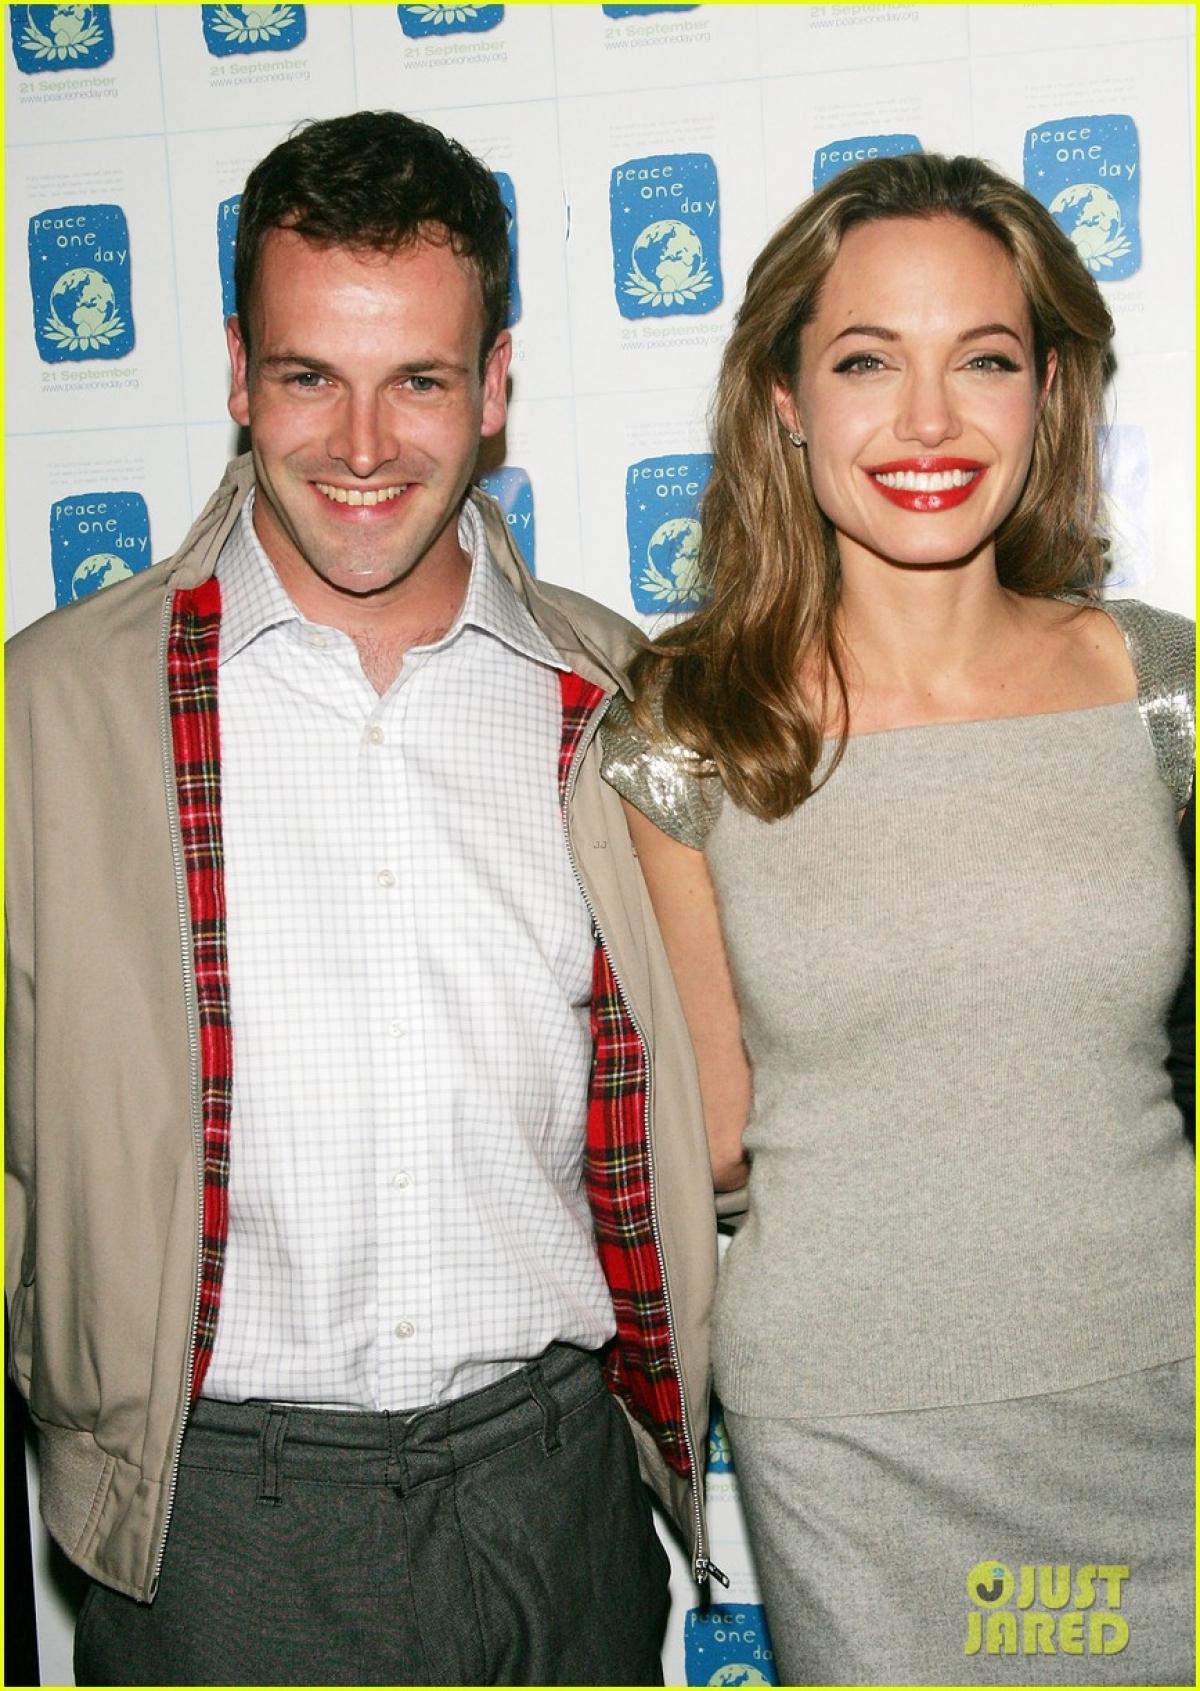 Mới đây, Angelina Jolie bị cánh săn ảnh bắt gặp đến nhà của chồng cũ Jonny Lee Miller trong chuyến đi đến Big Apple, New York cách đây ít ngày.